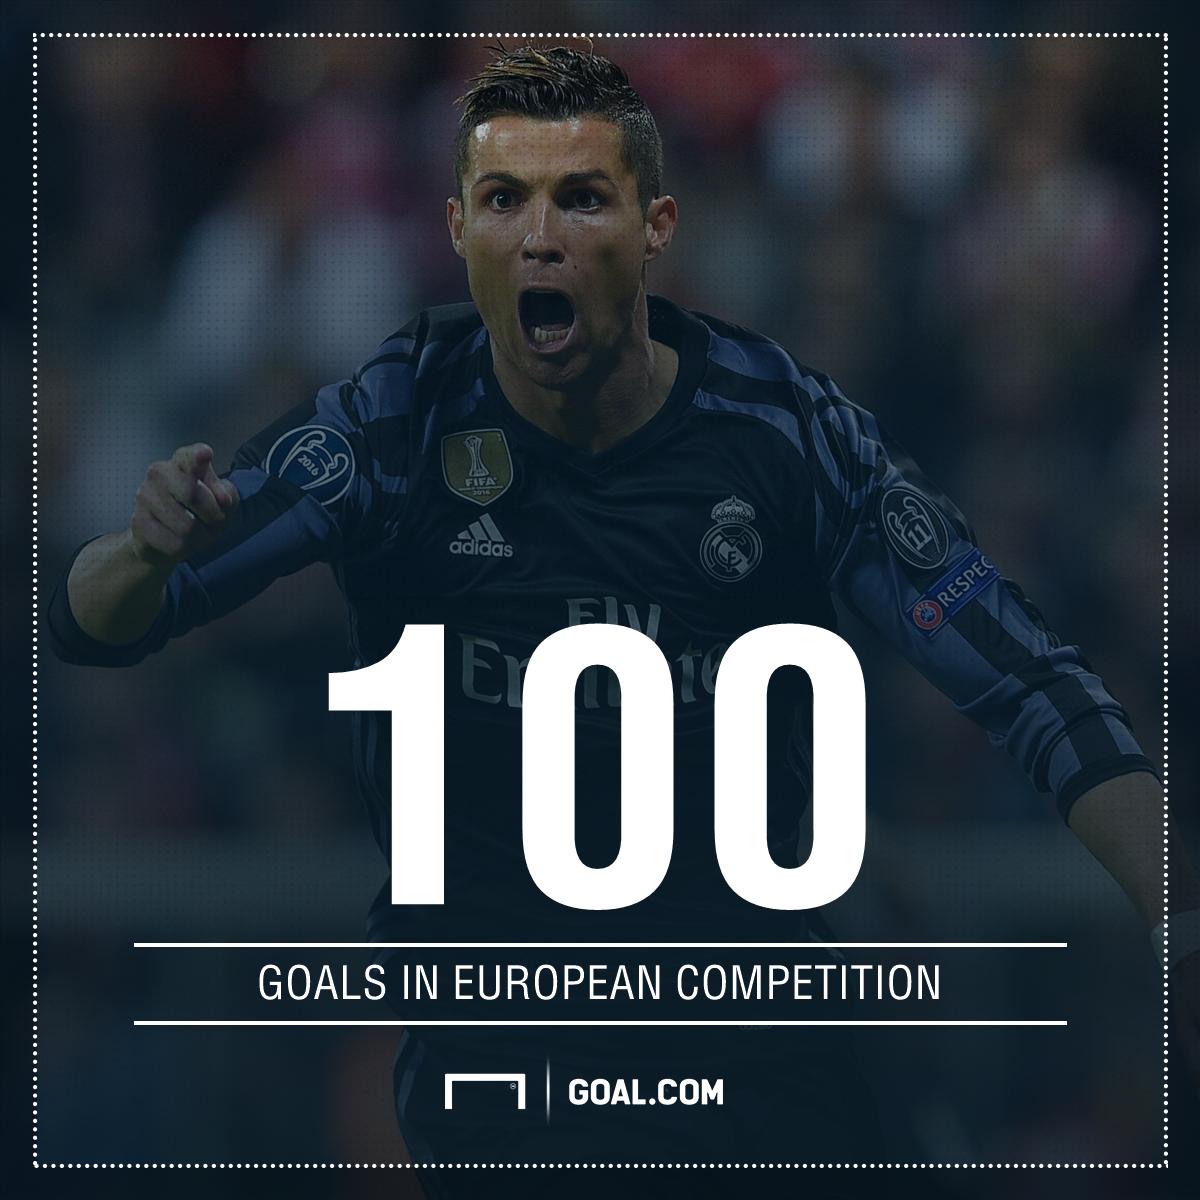 Ronaldo 100 PS